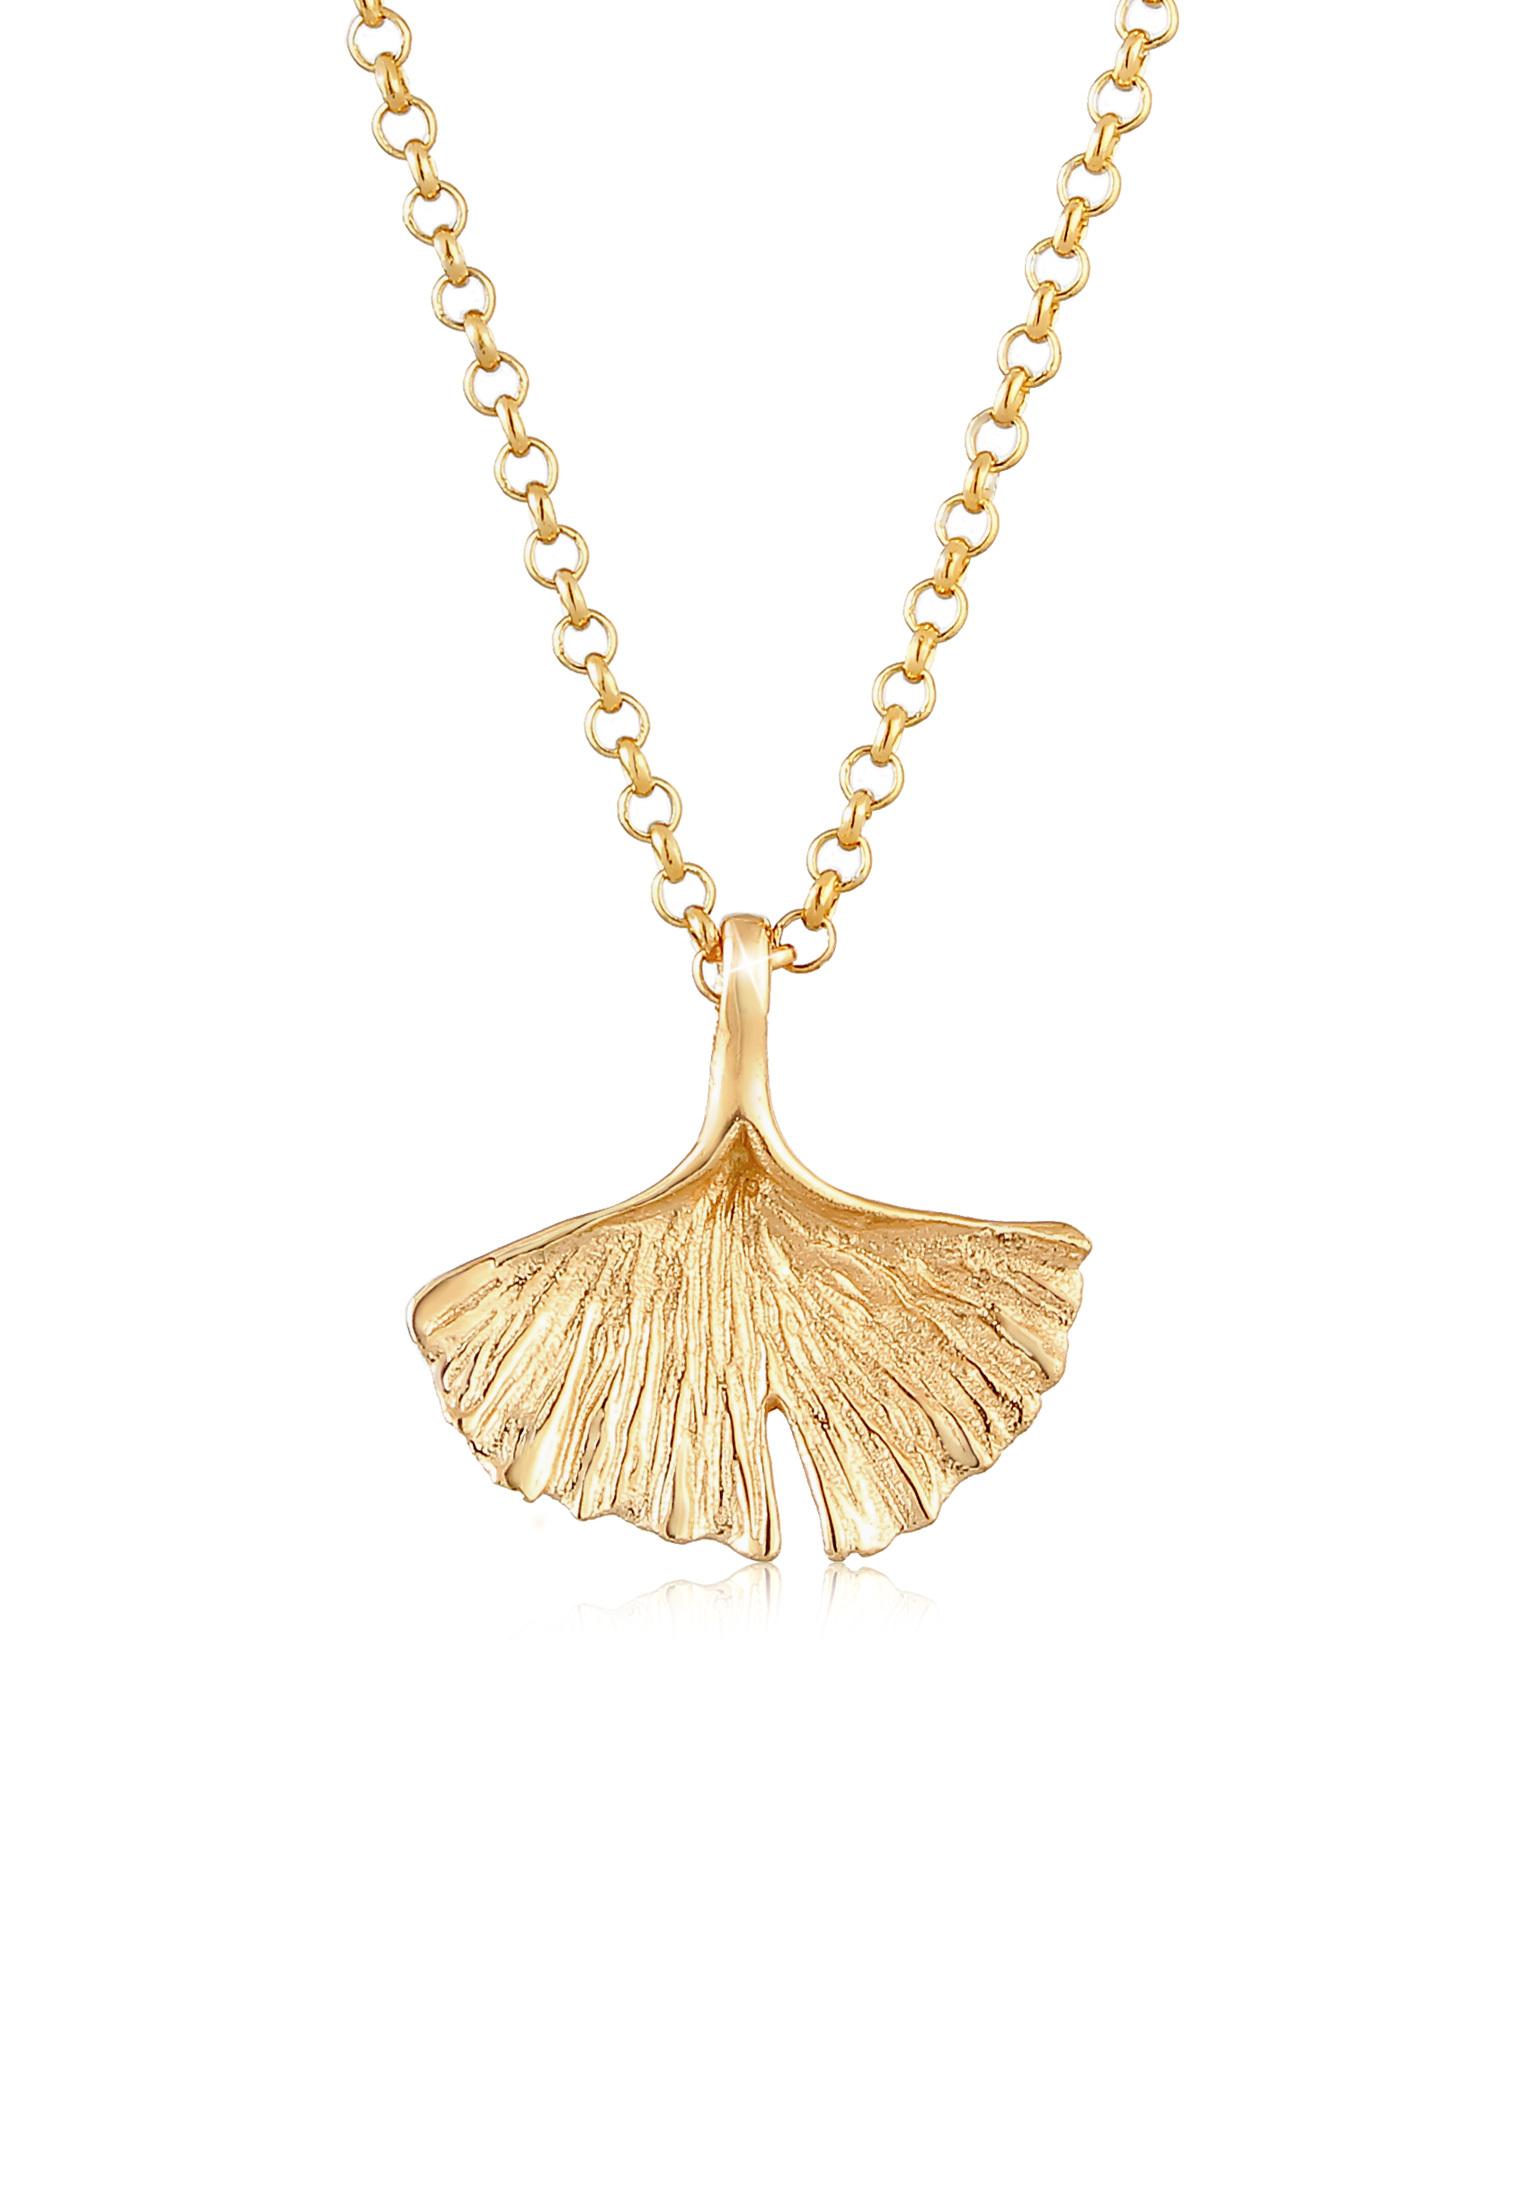 Halskette Ginkgo | 925 Sterling Silber vergoldet